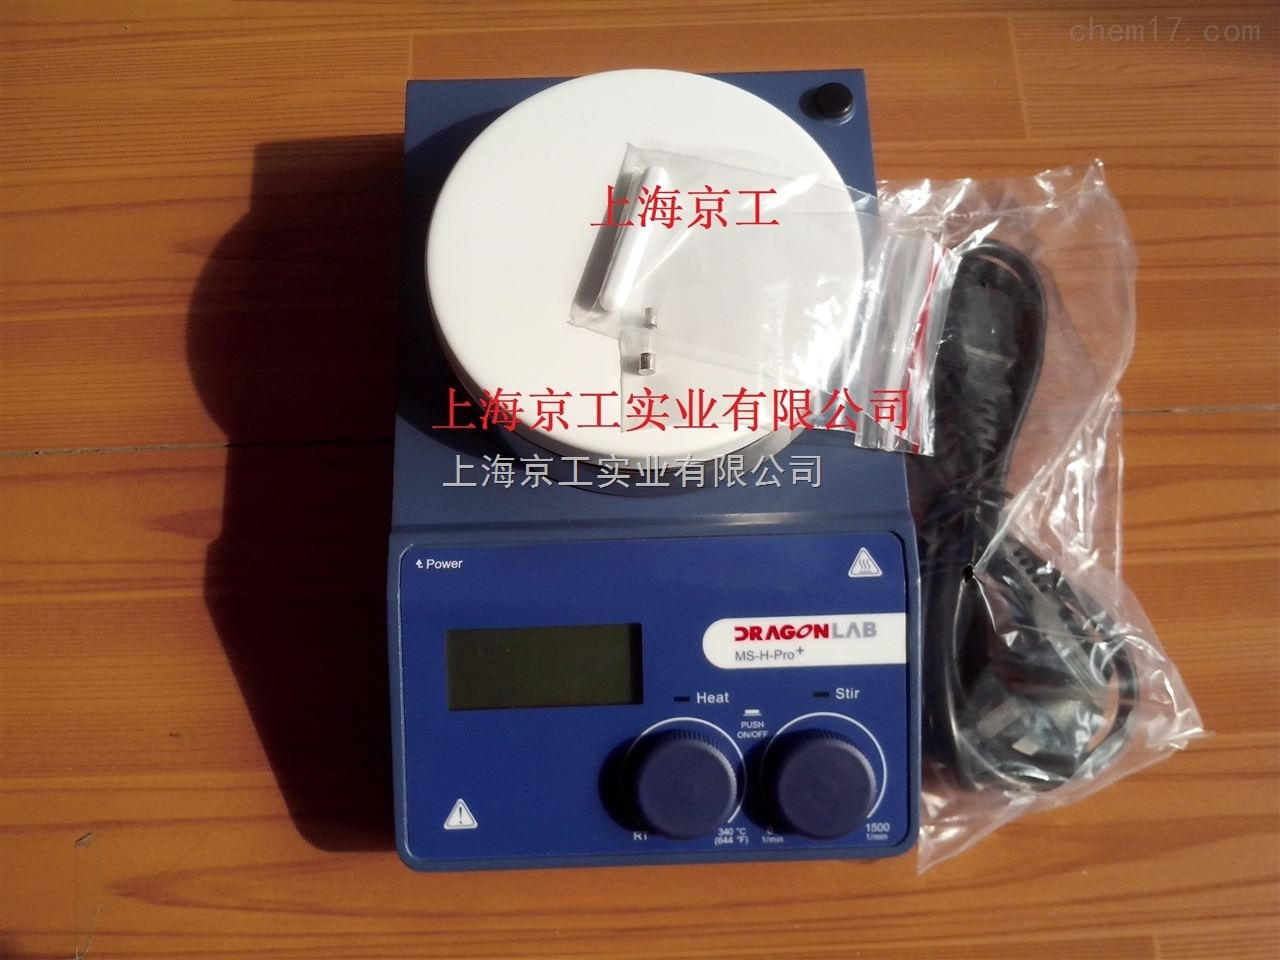 大龙磁力搅拌器MS-H-Pro+